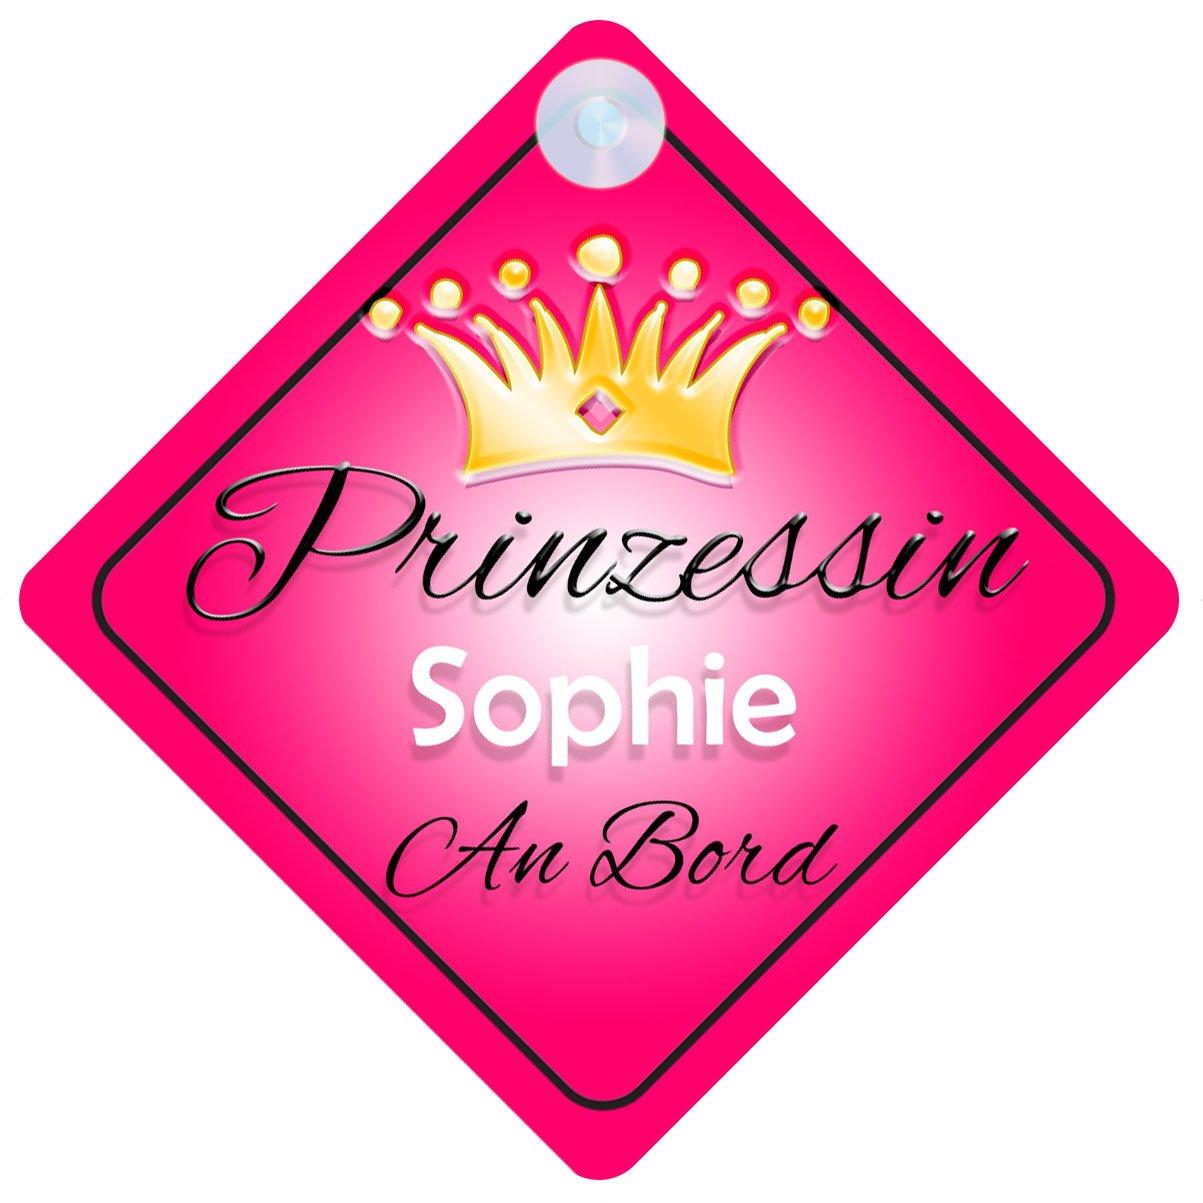 Prinzessin Sophie Baby / Kind an Bord Mädchen Auto-Zeichen (Prinzessin001) Quality Goods Ltd